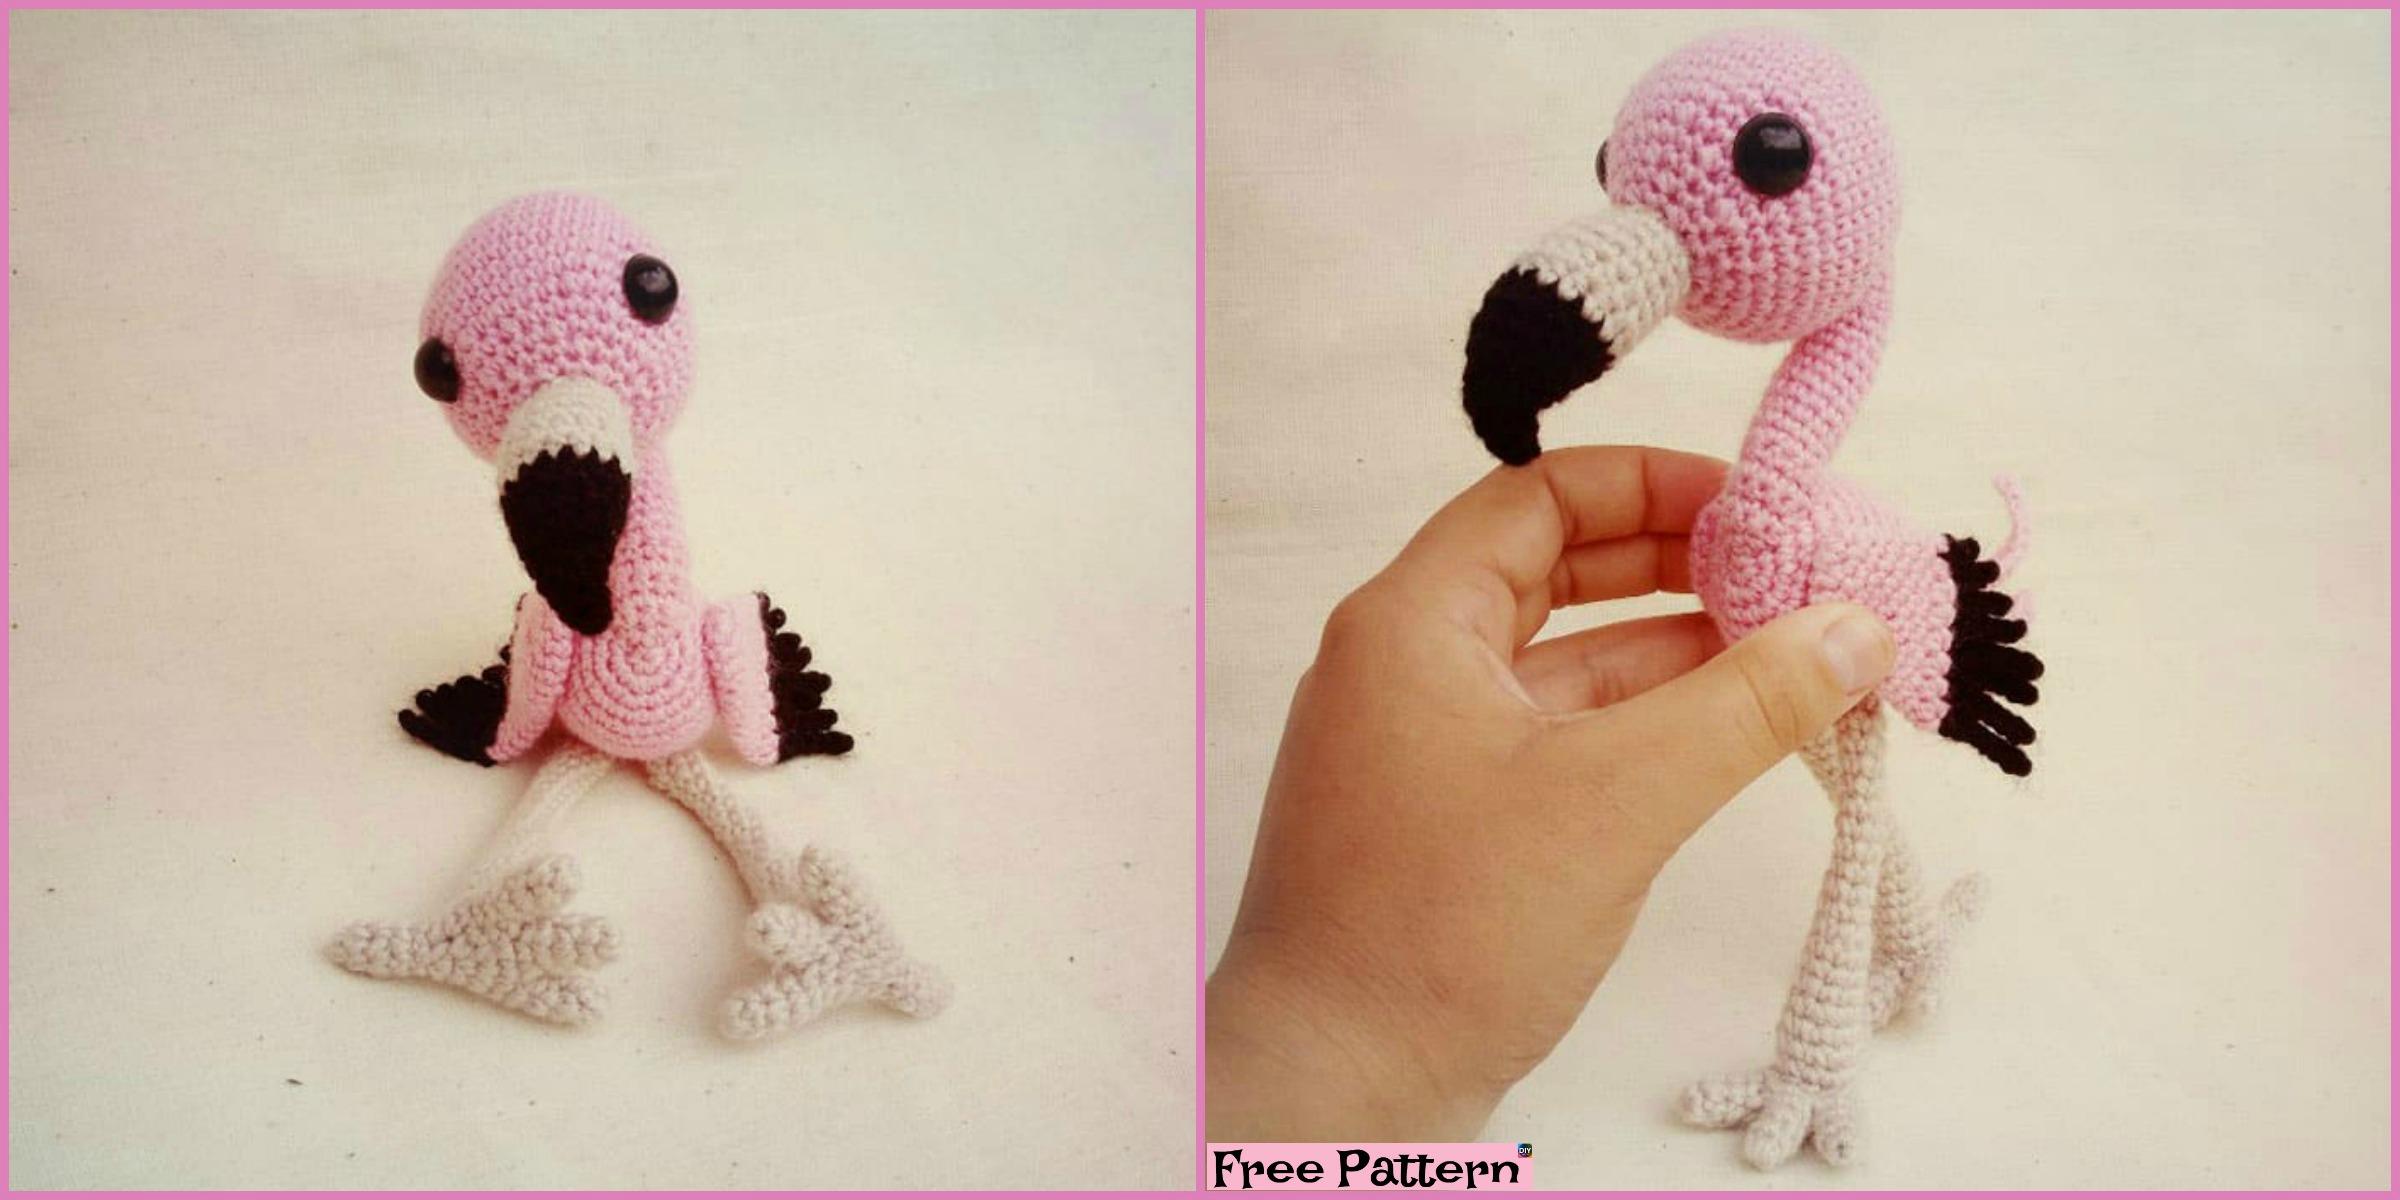 Free Seahorse Pattern crochet pattern ⋆ Crochet Kingdom | 1200x2400